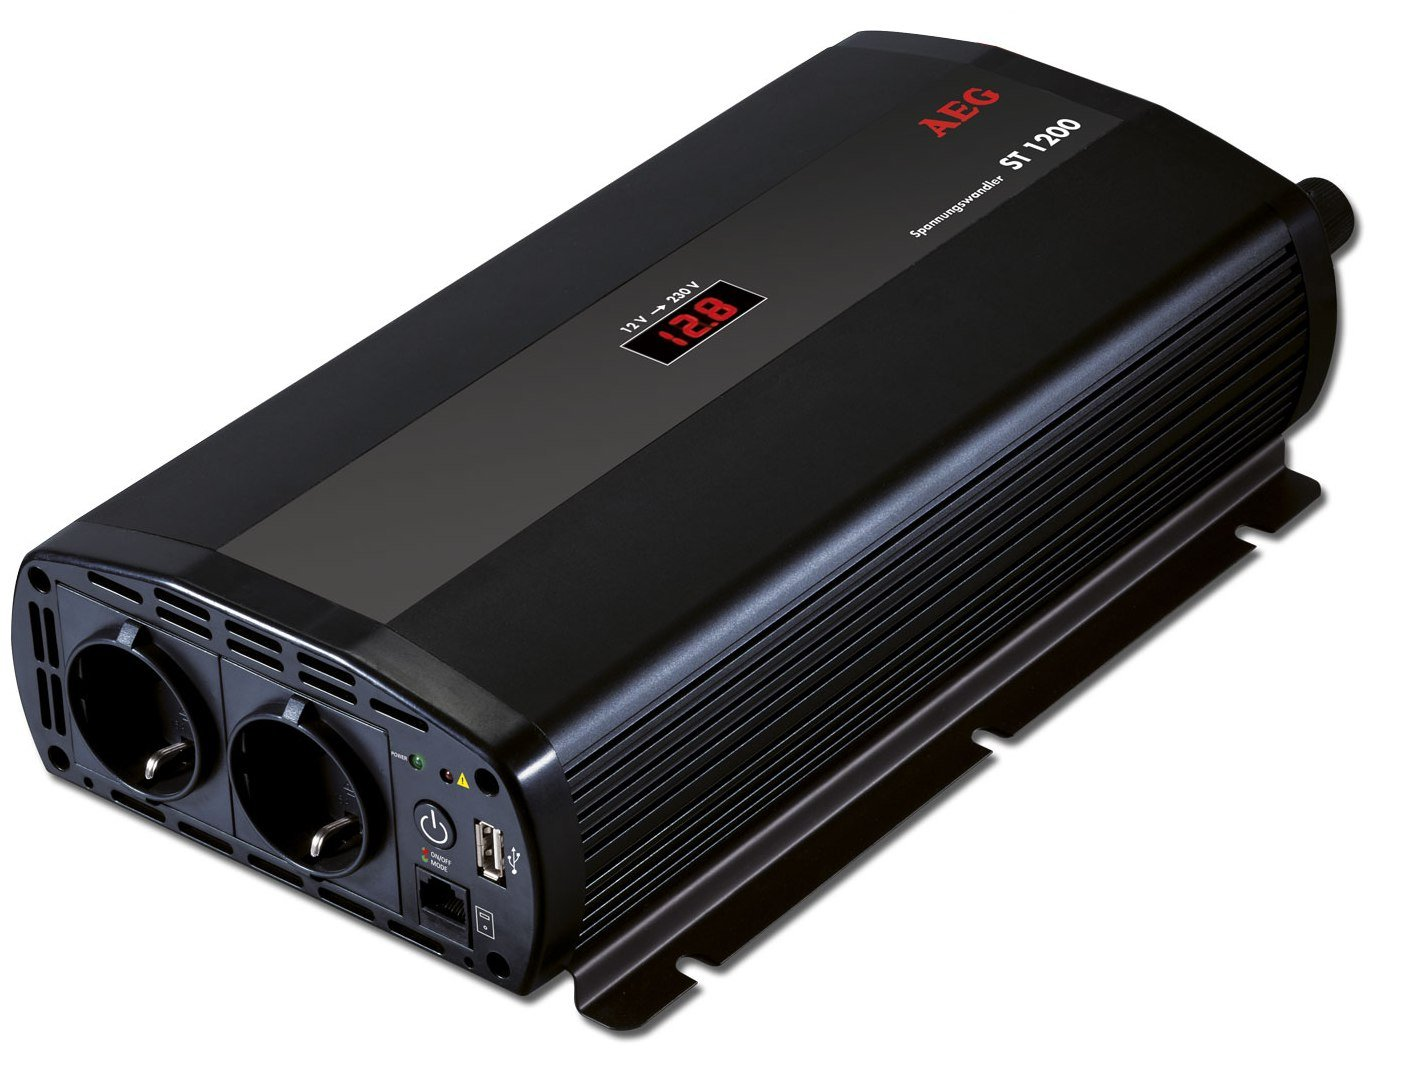 Aeg 97117 spannungswandler st 1200 watt 12 volt auf 230 volt mit